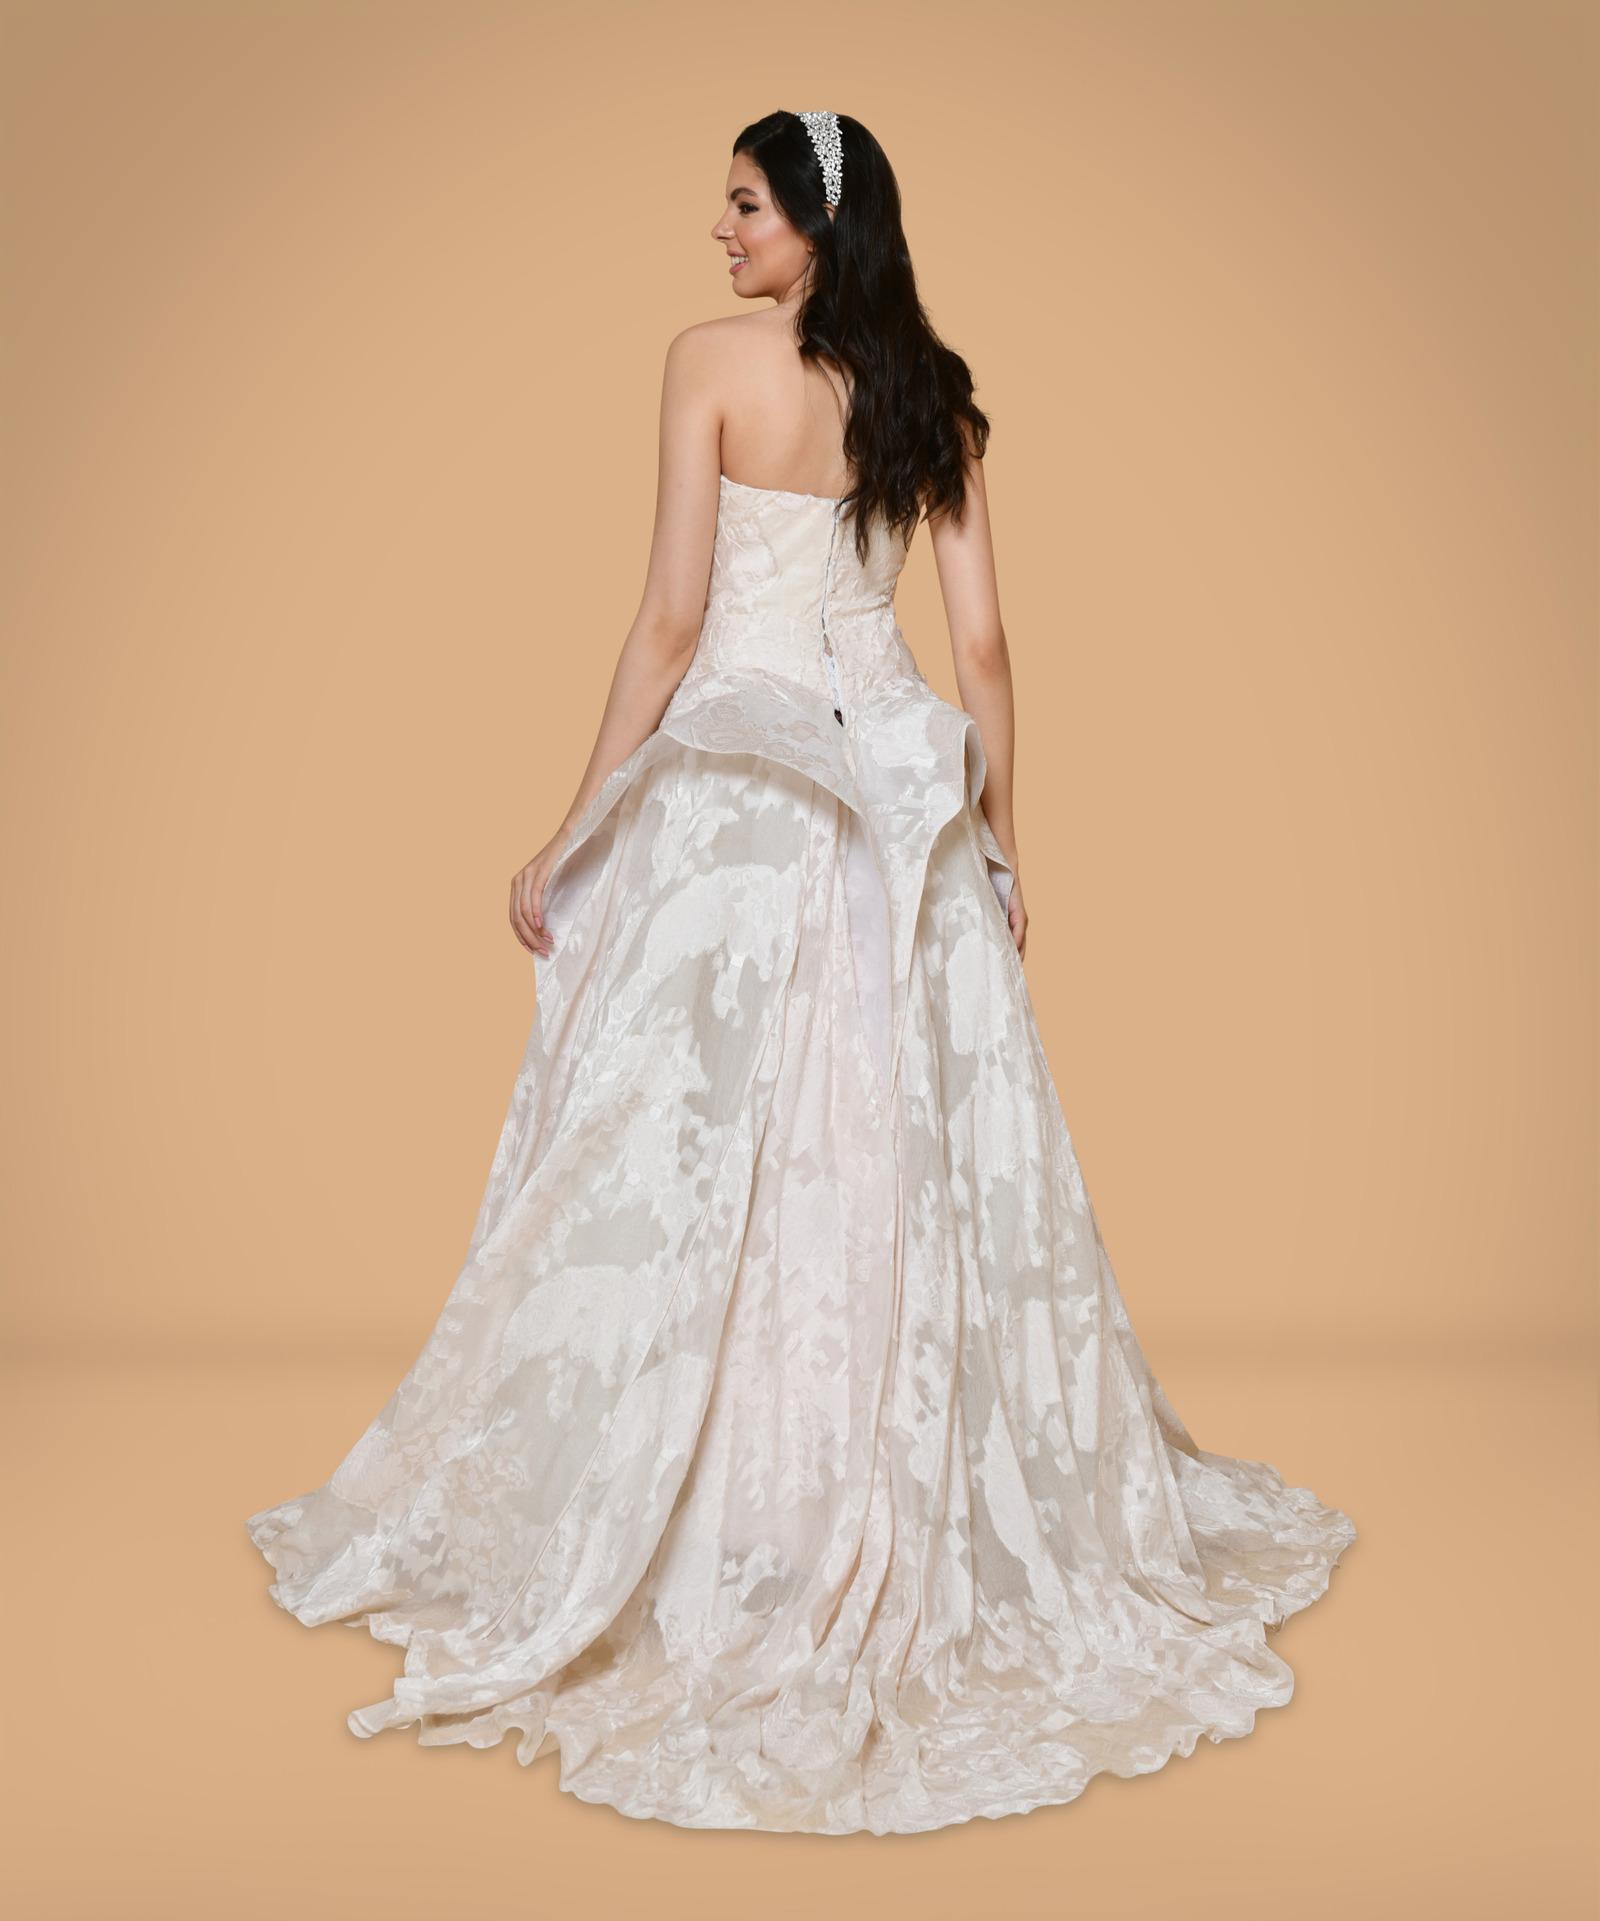 Designer Wedding Gown Rental: Dress 1